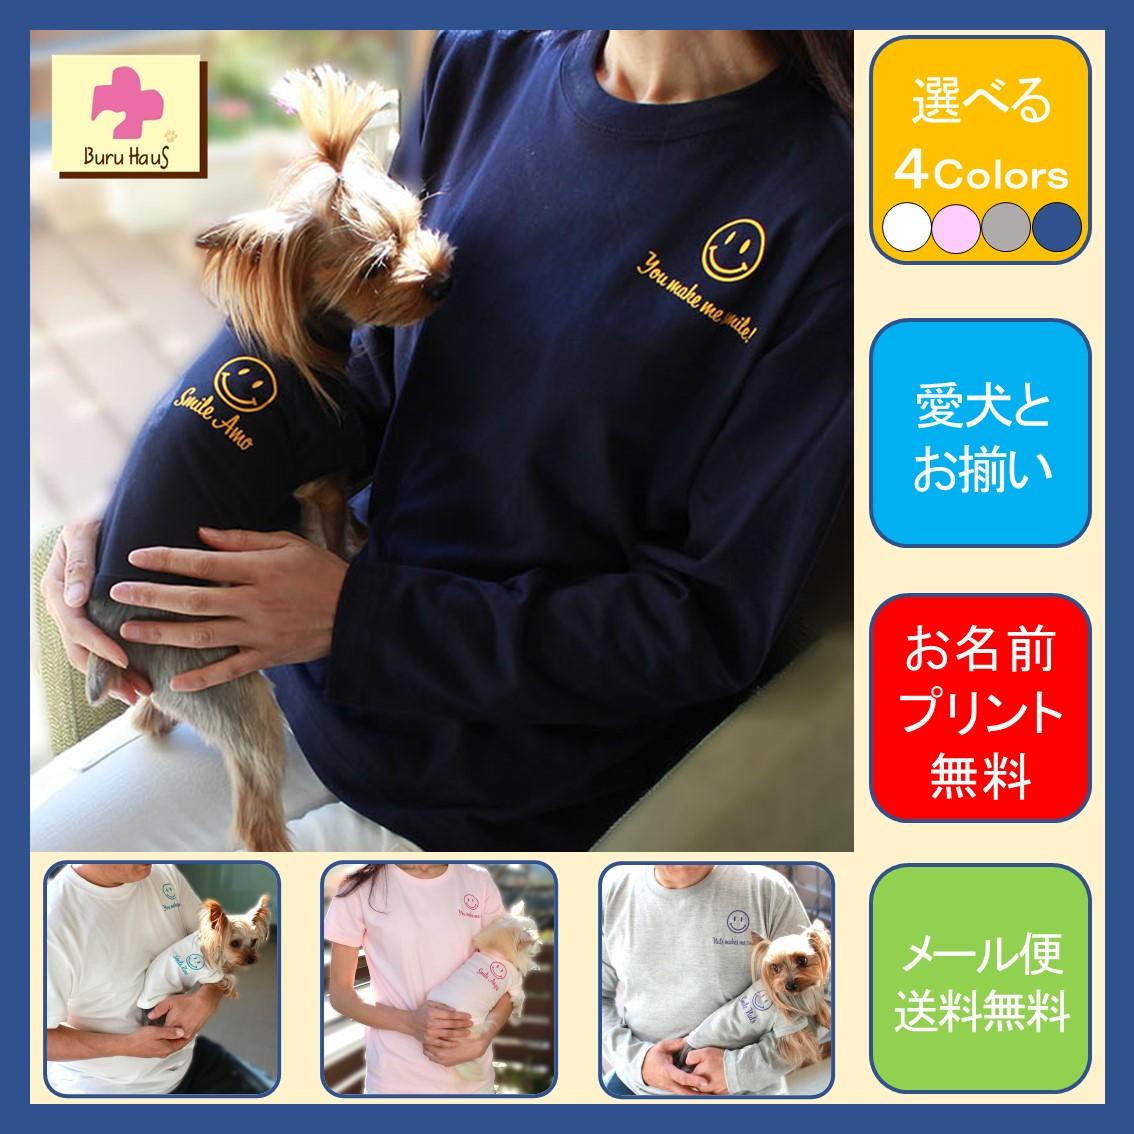 リンクコーデ スマイルTシャツ愛犬のお名前プリント無料人用Tシャツ(半袖・長袖)名入れ Tシャツ 犬 名前